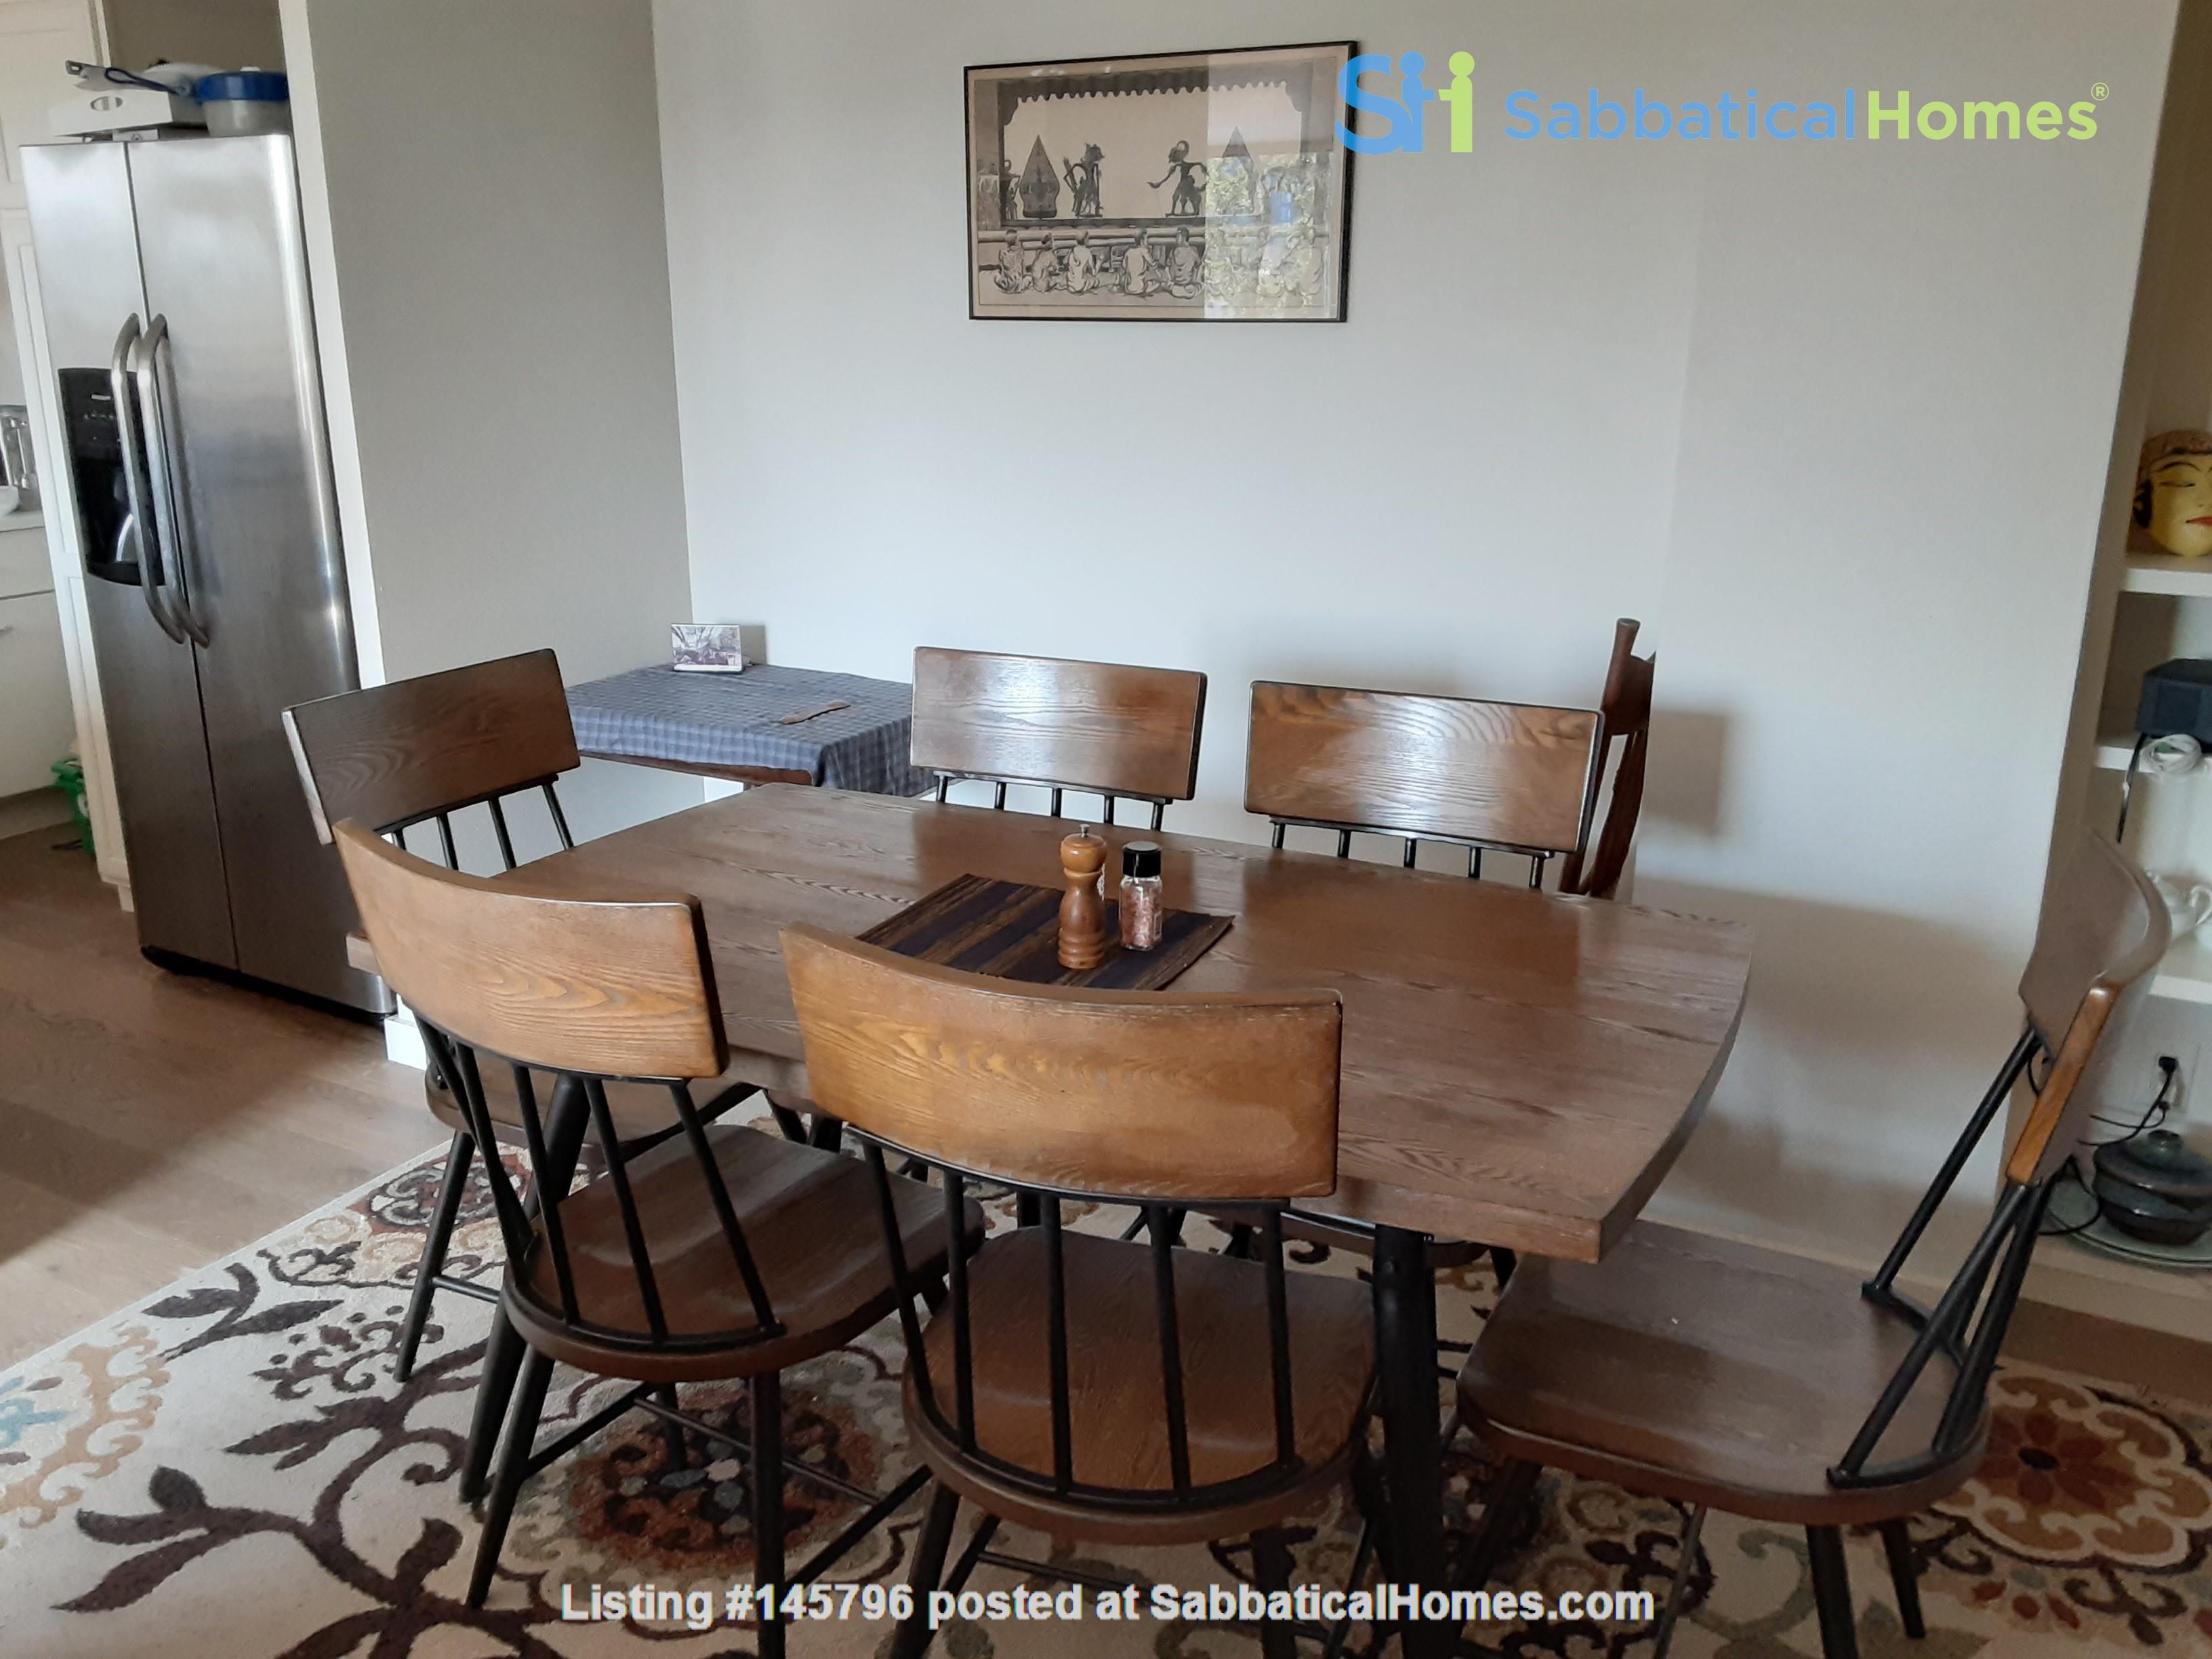 Airy 2-bd, 2-bth condominium facing UT campus. Home Rental in Austin 3